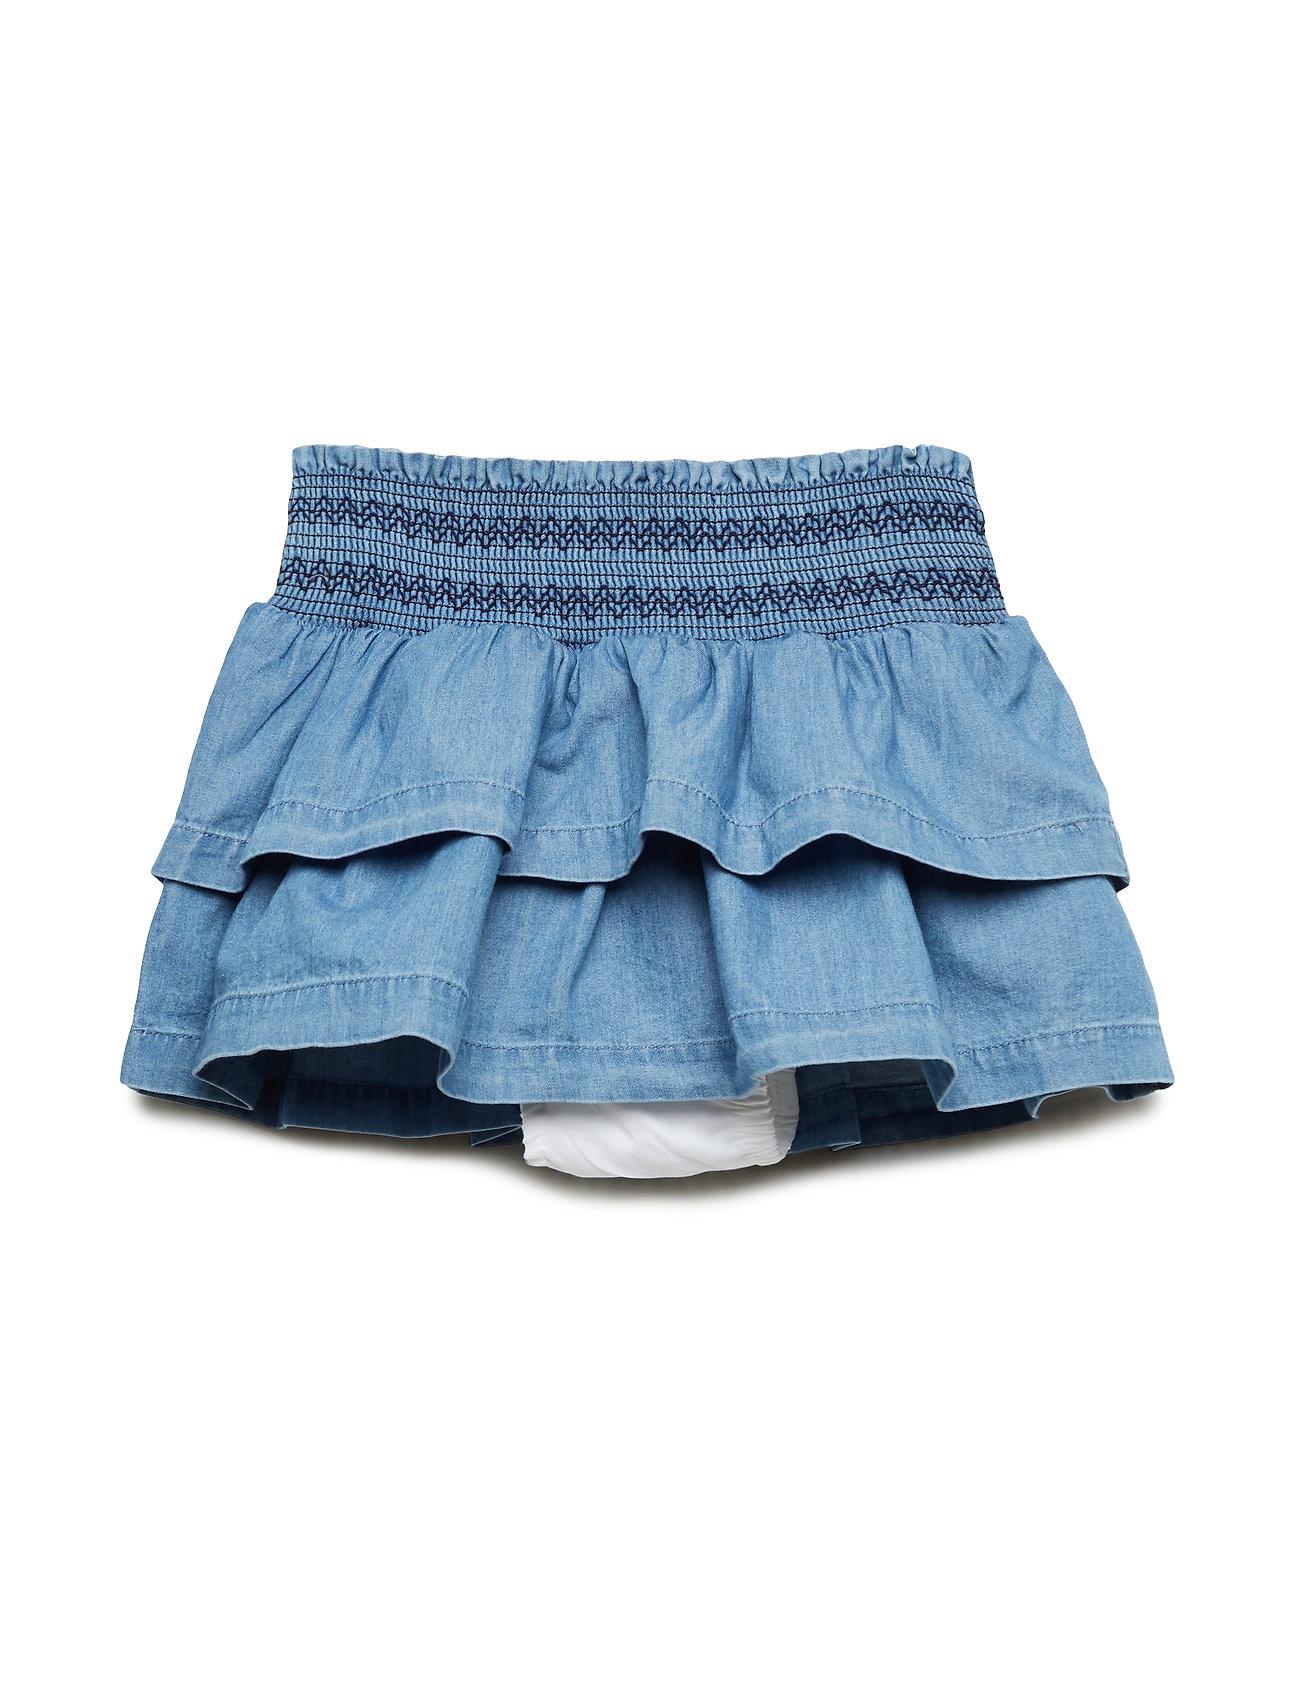 GAP Toddler Chambray Flutter Skirt - CHAMBRAY 042